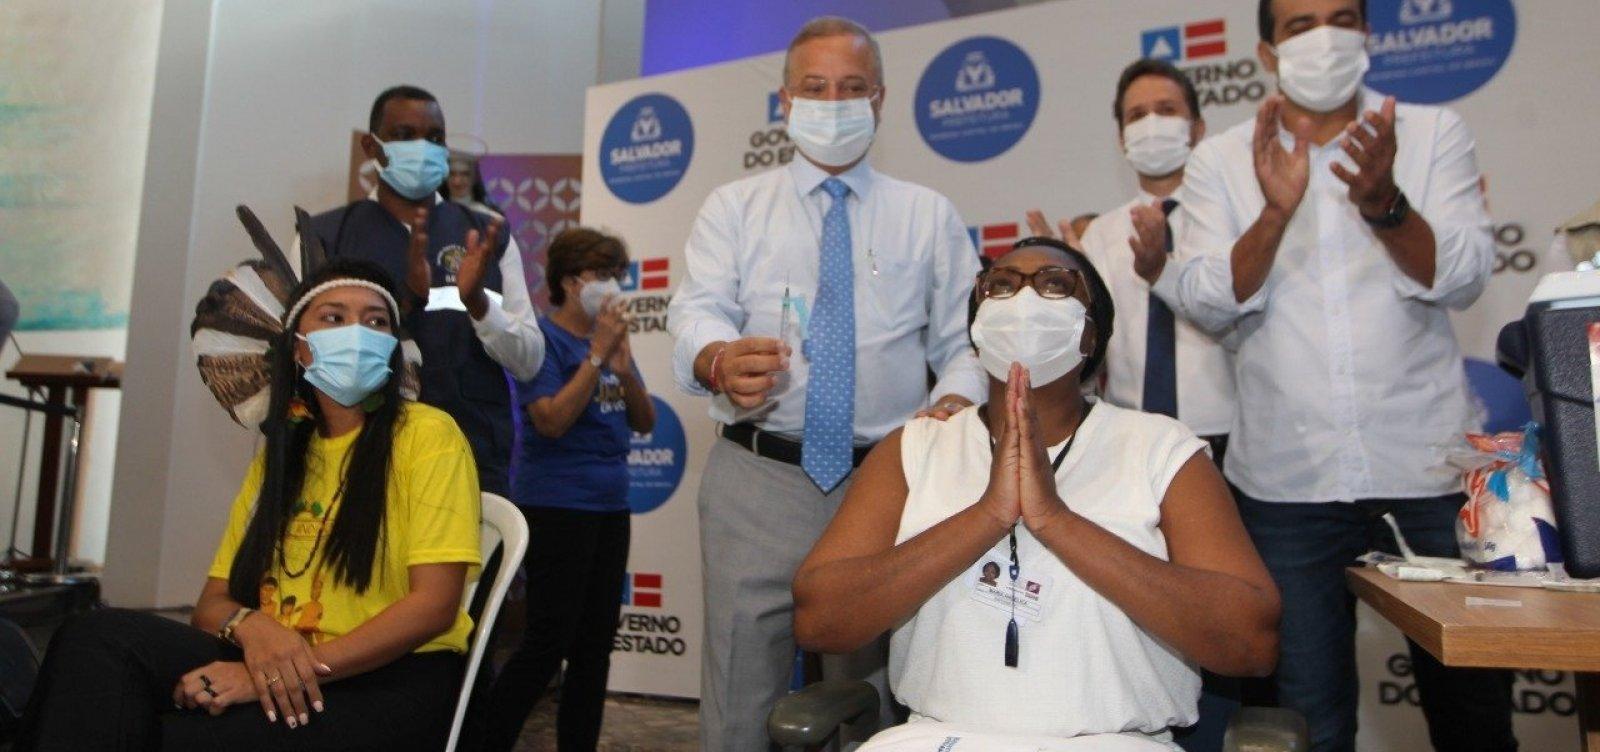 Quatro baianos recebem as primeiras doses da vacina contra a Covid-19 em Salvador